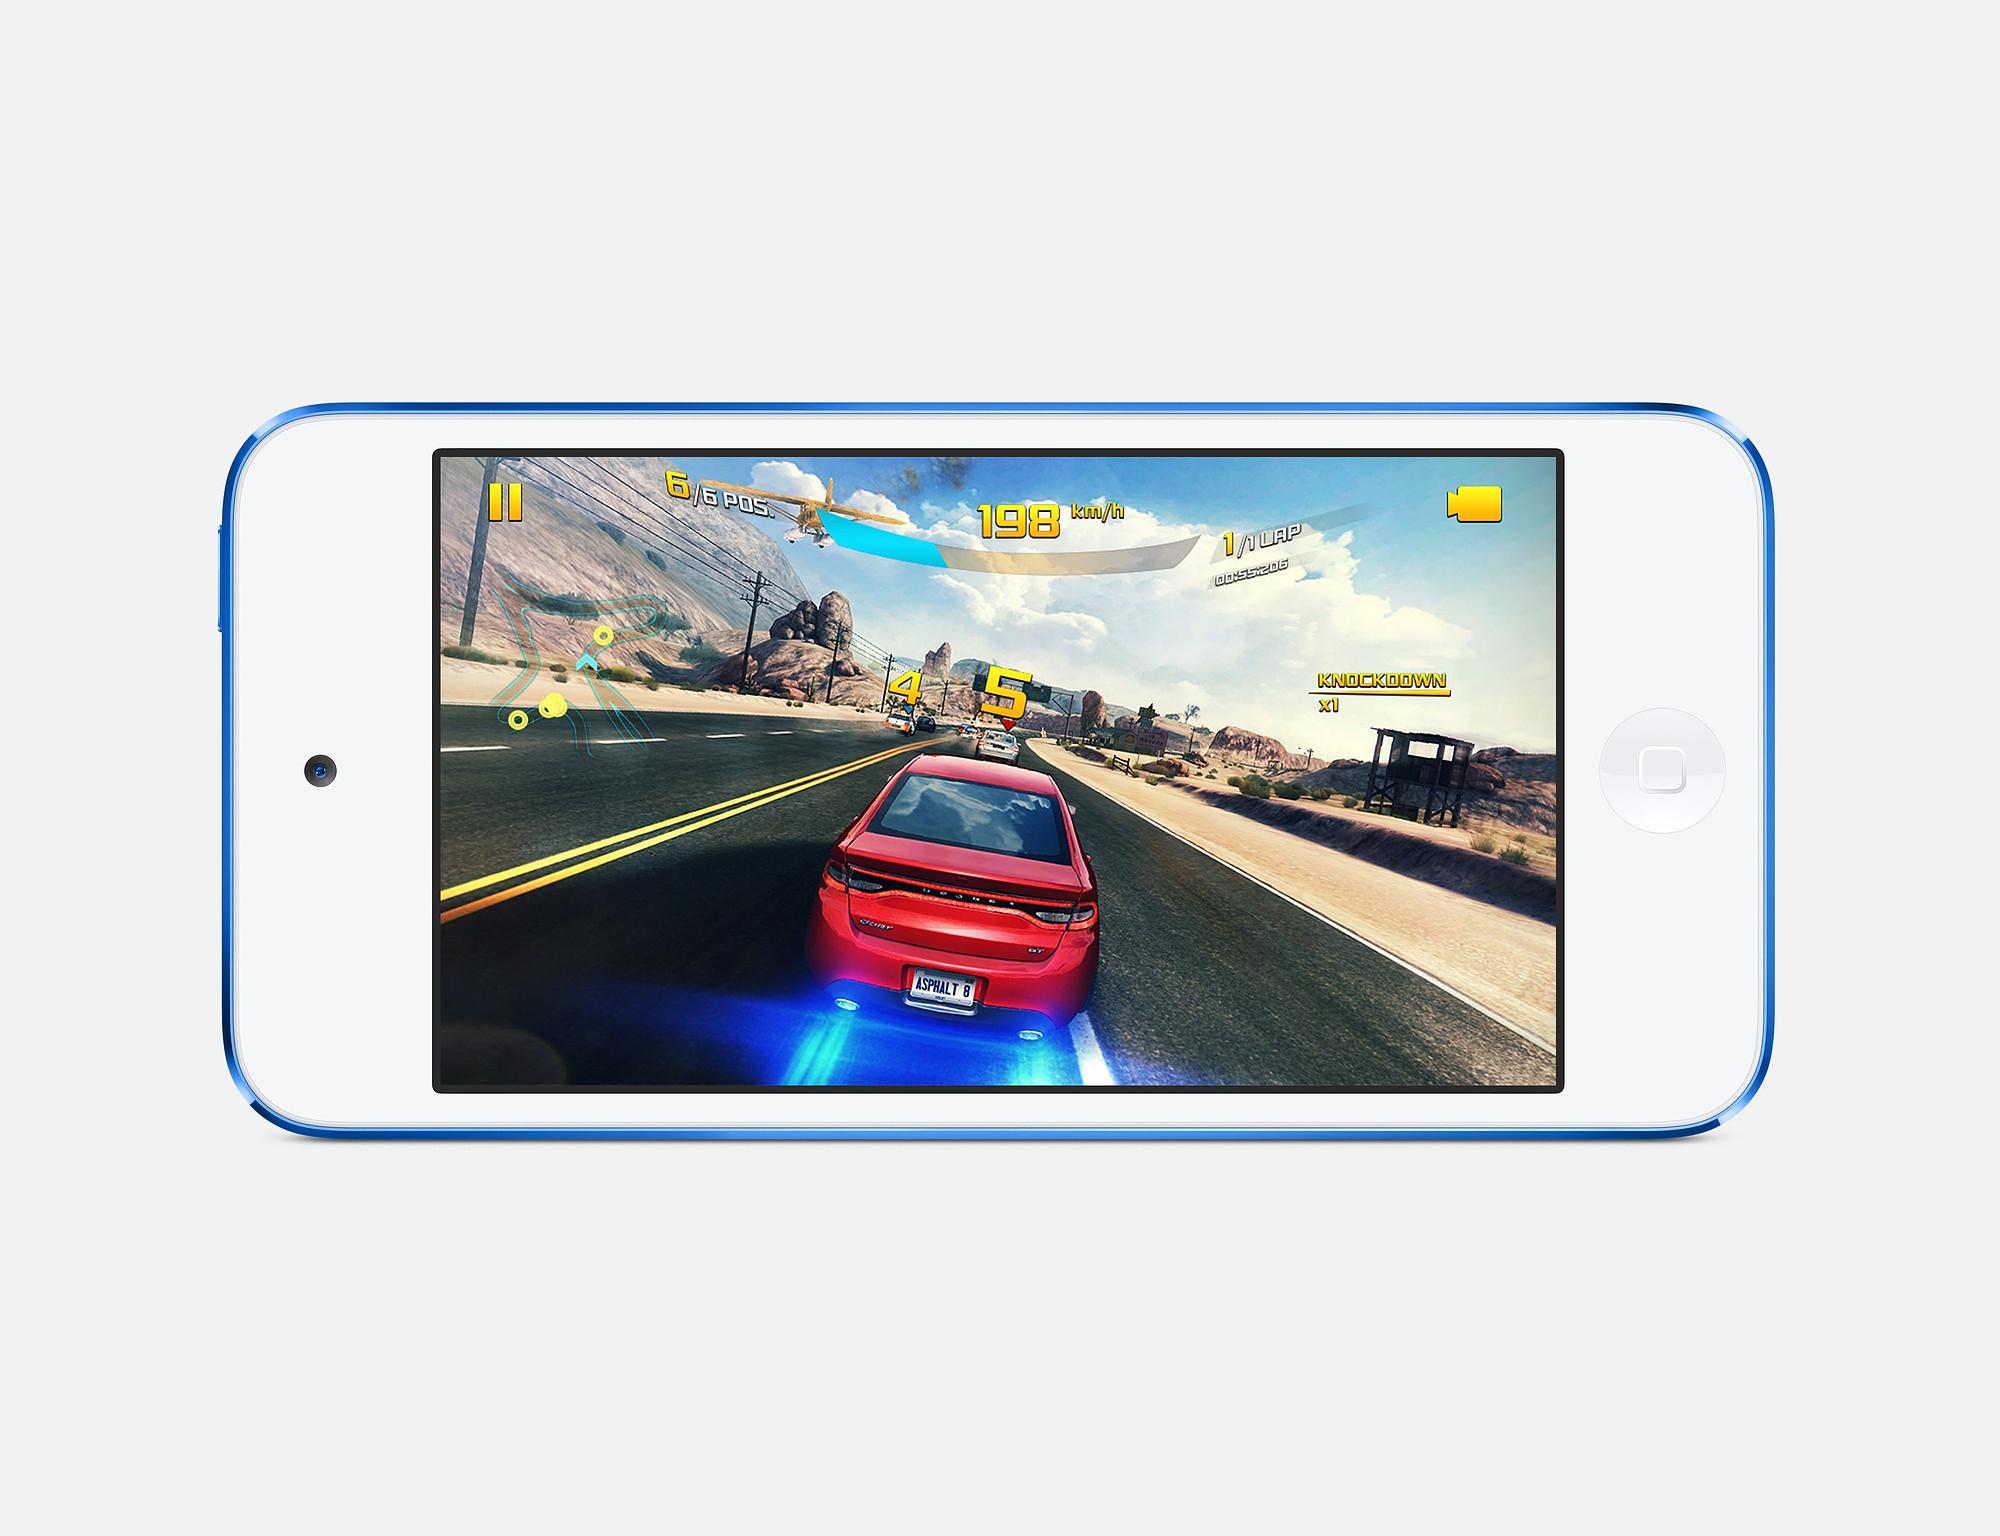 新しいiPod touch は、最安で手に入るコスパ最高なiPhone?